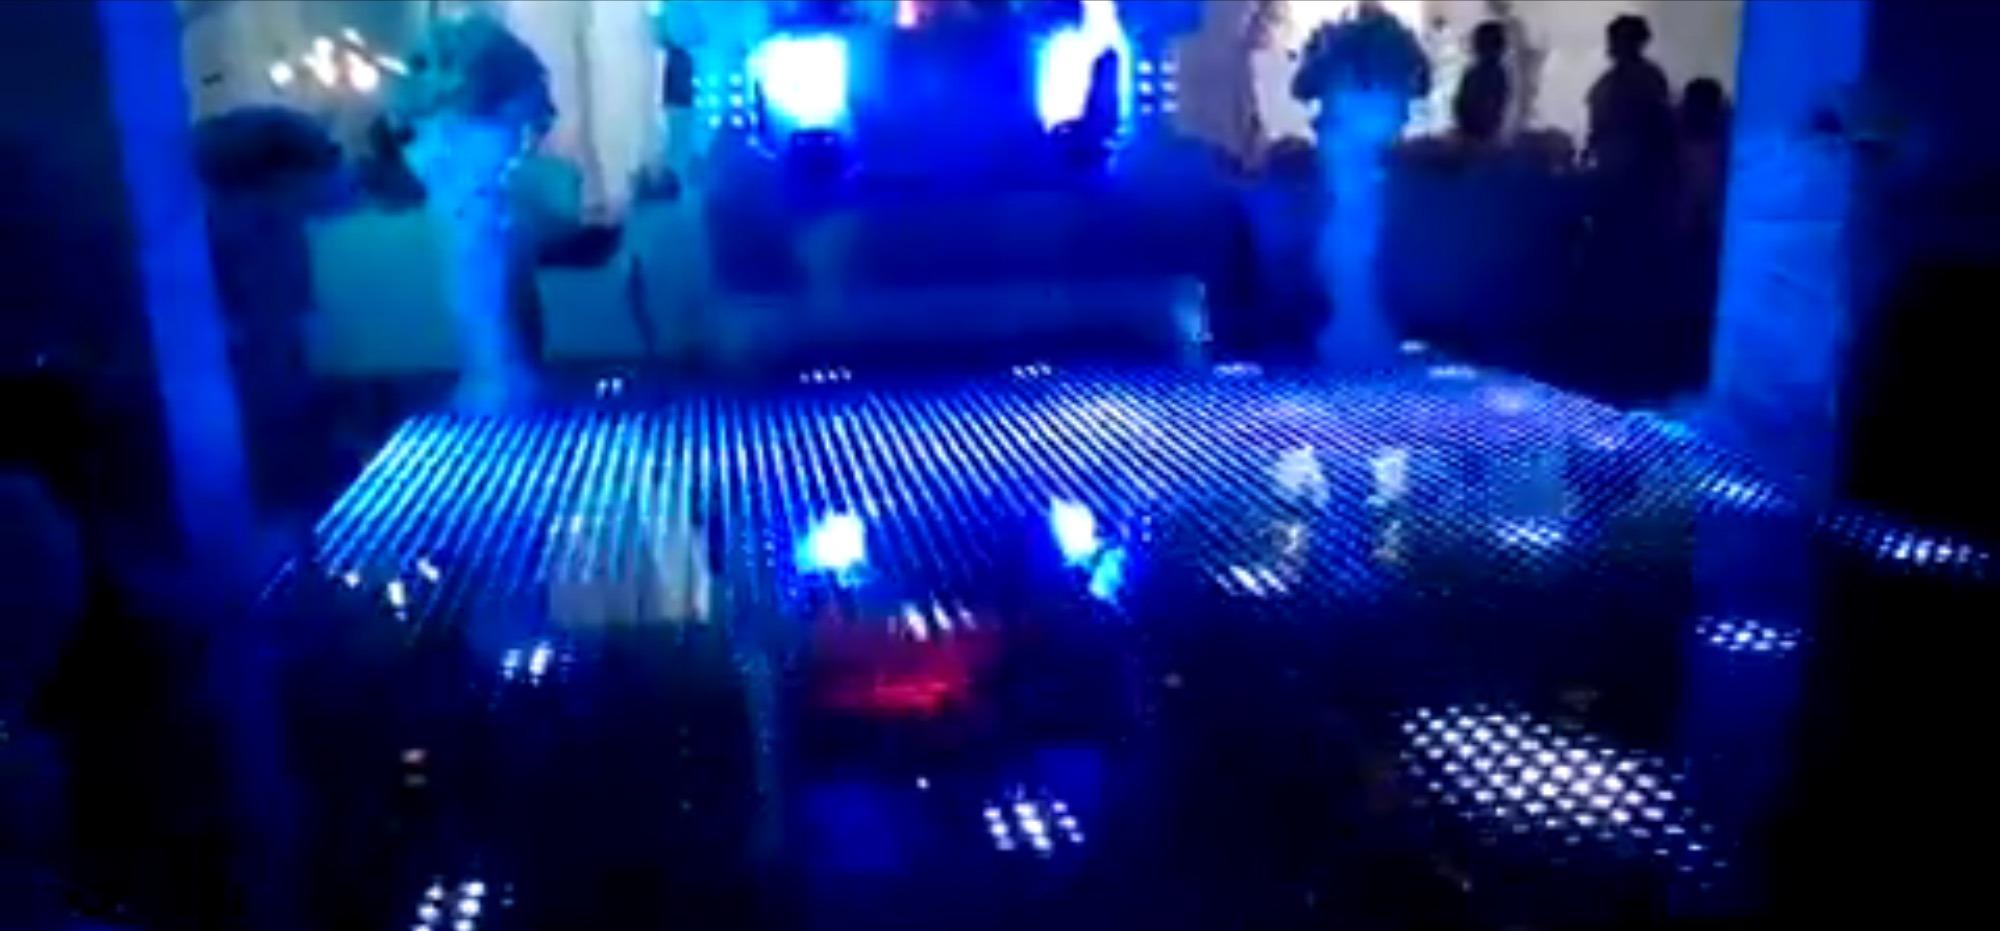 Lighted Led Dance Floor Rental